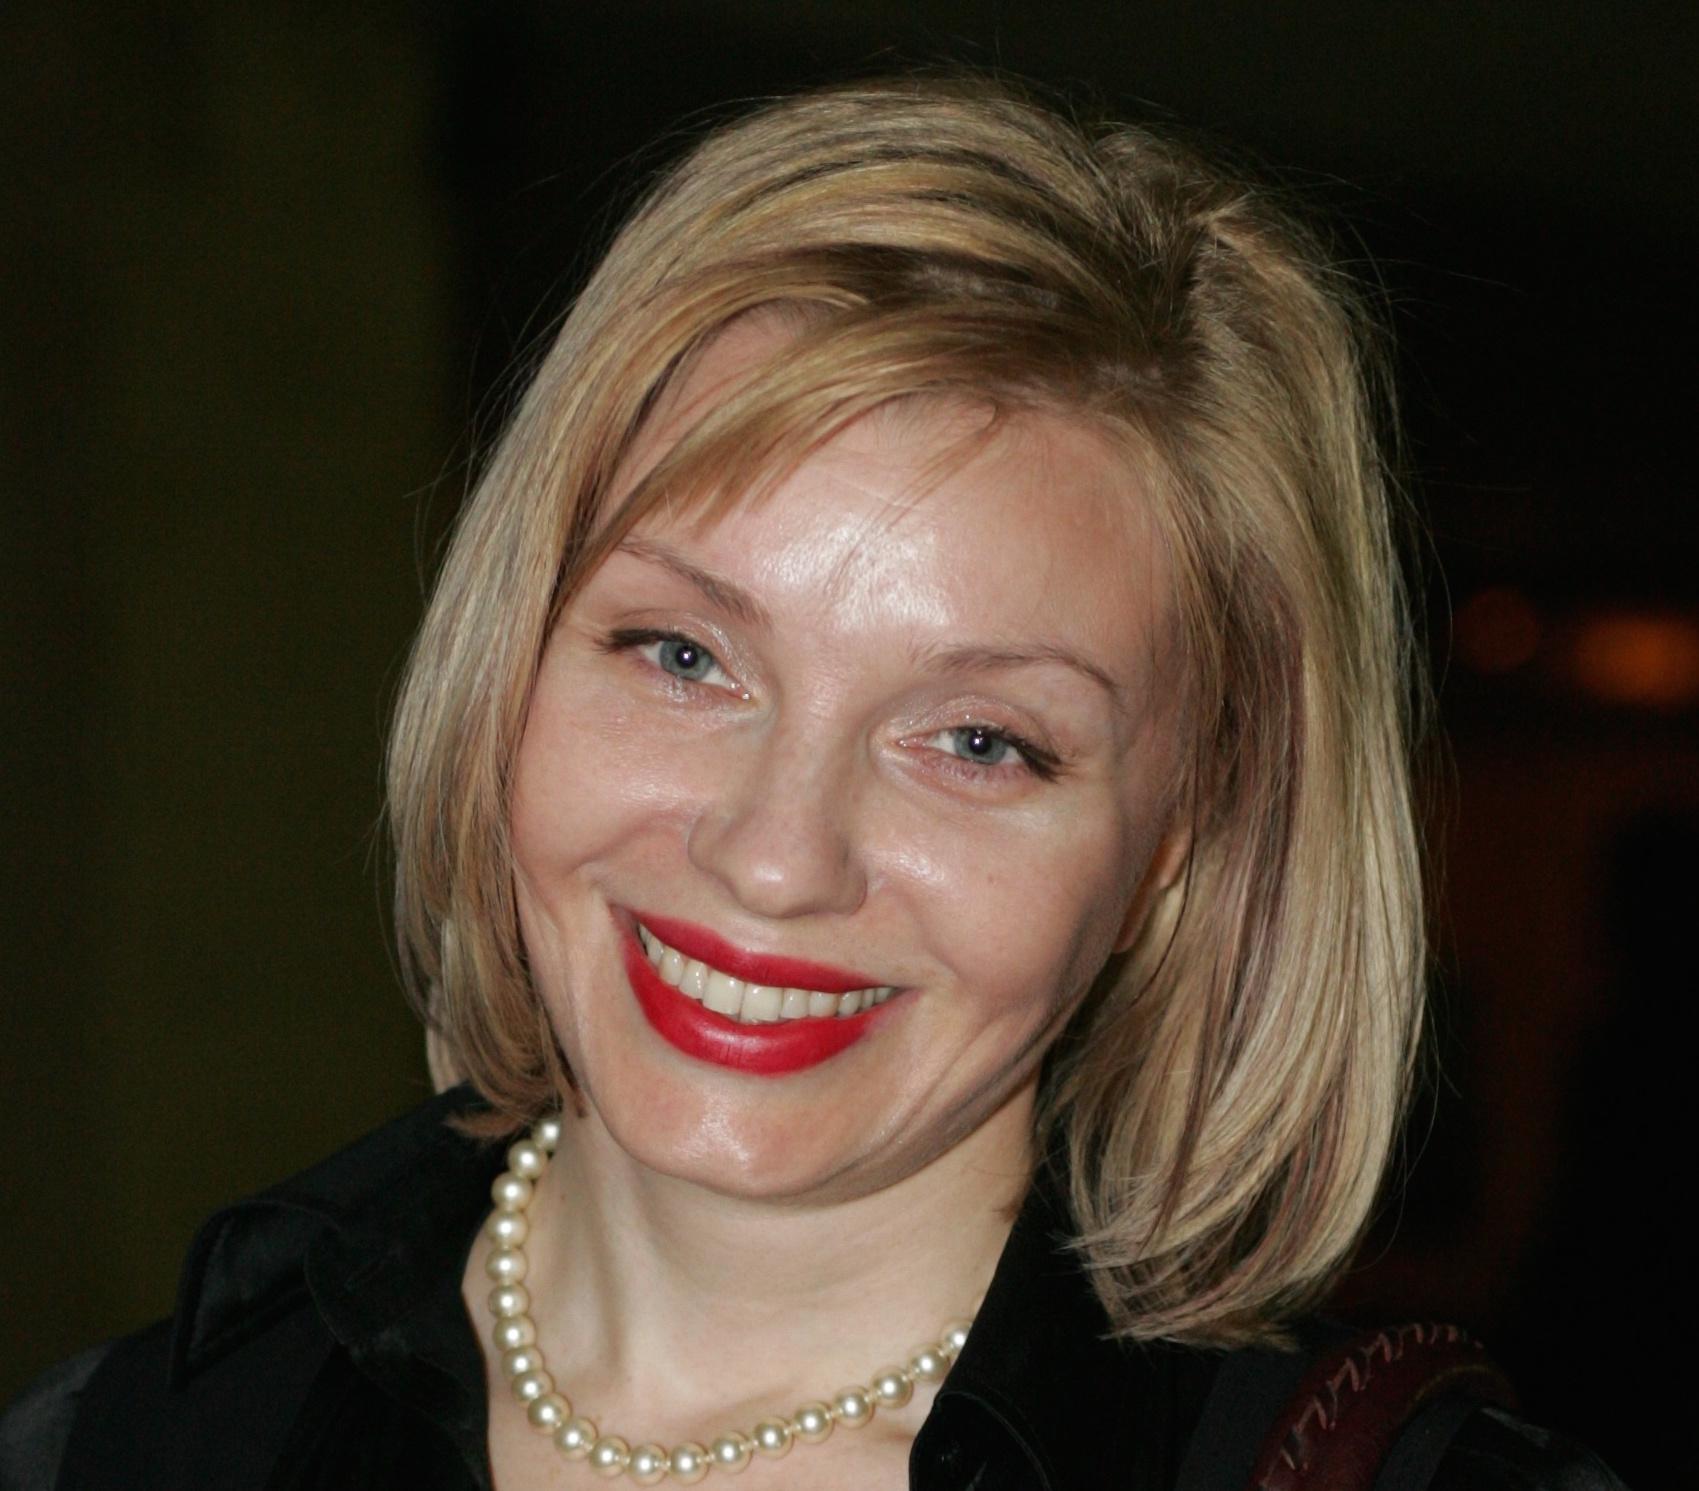 лианы актриса ирина ефремова биография фото также краткое описание